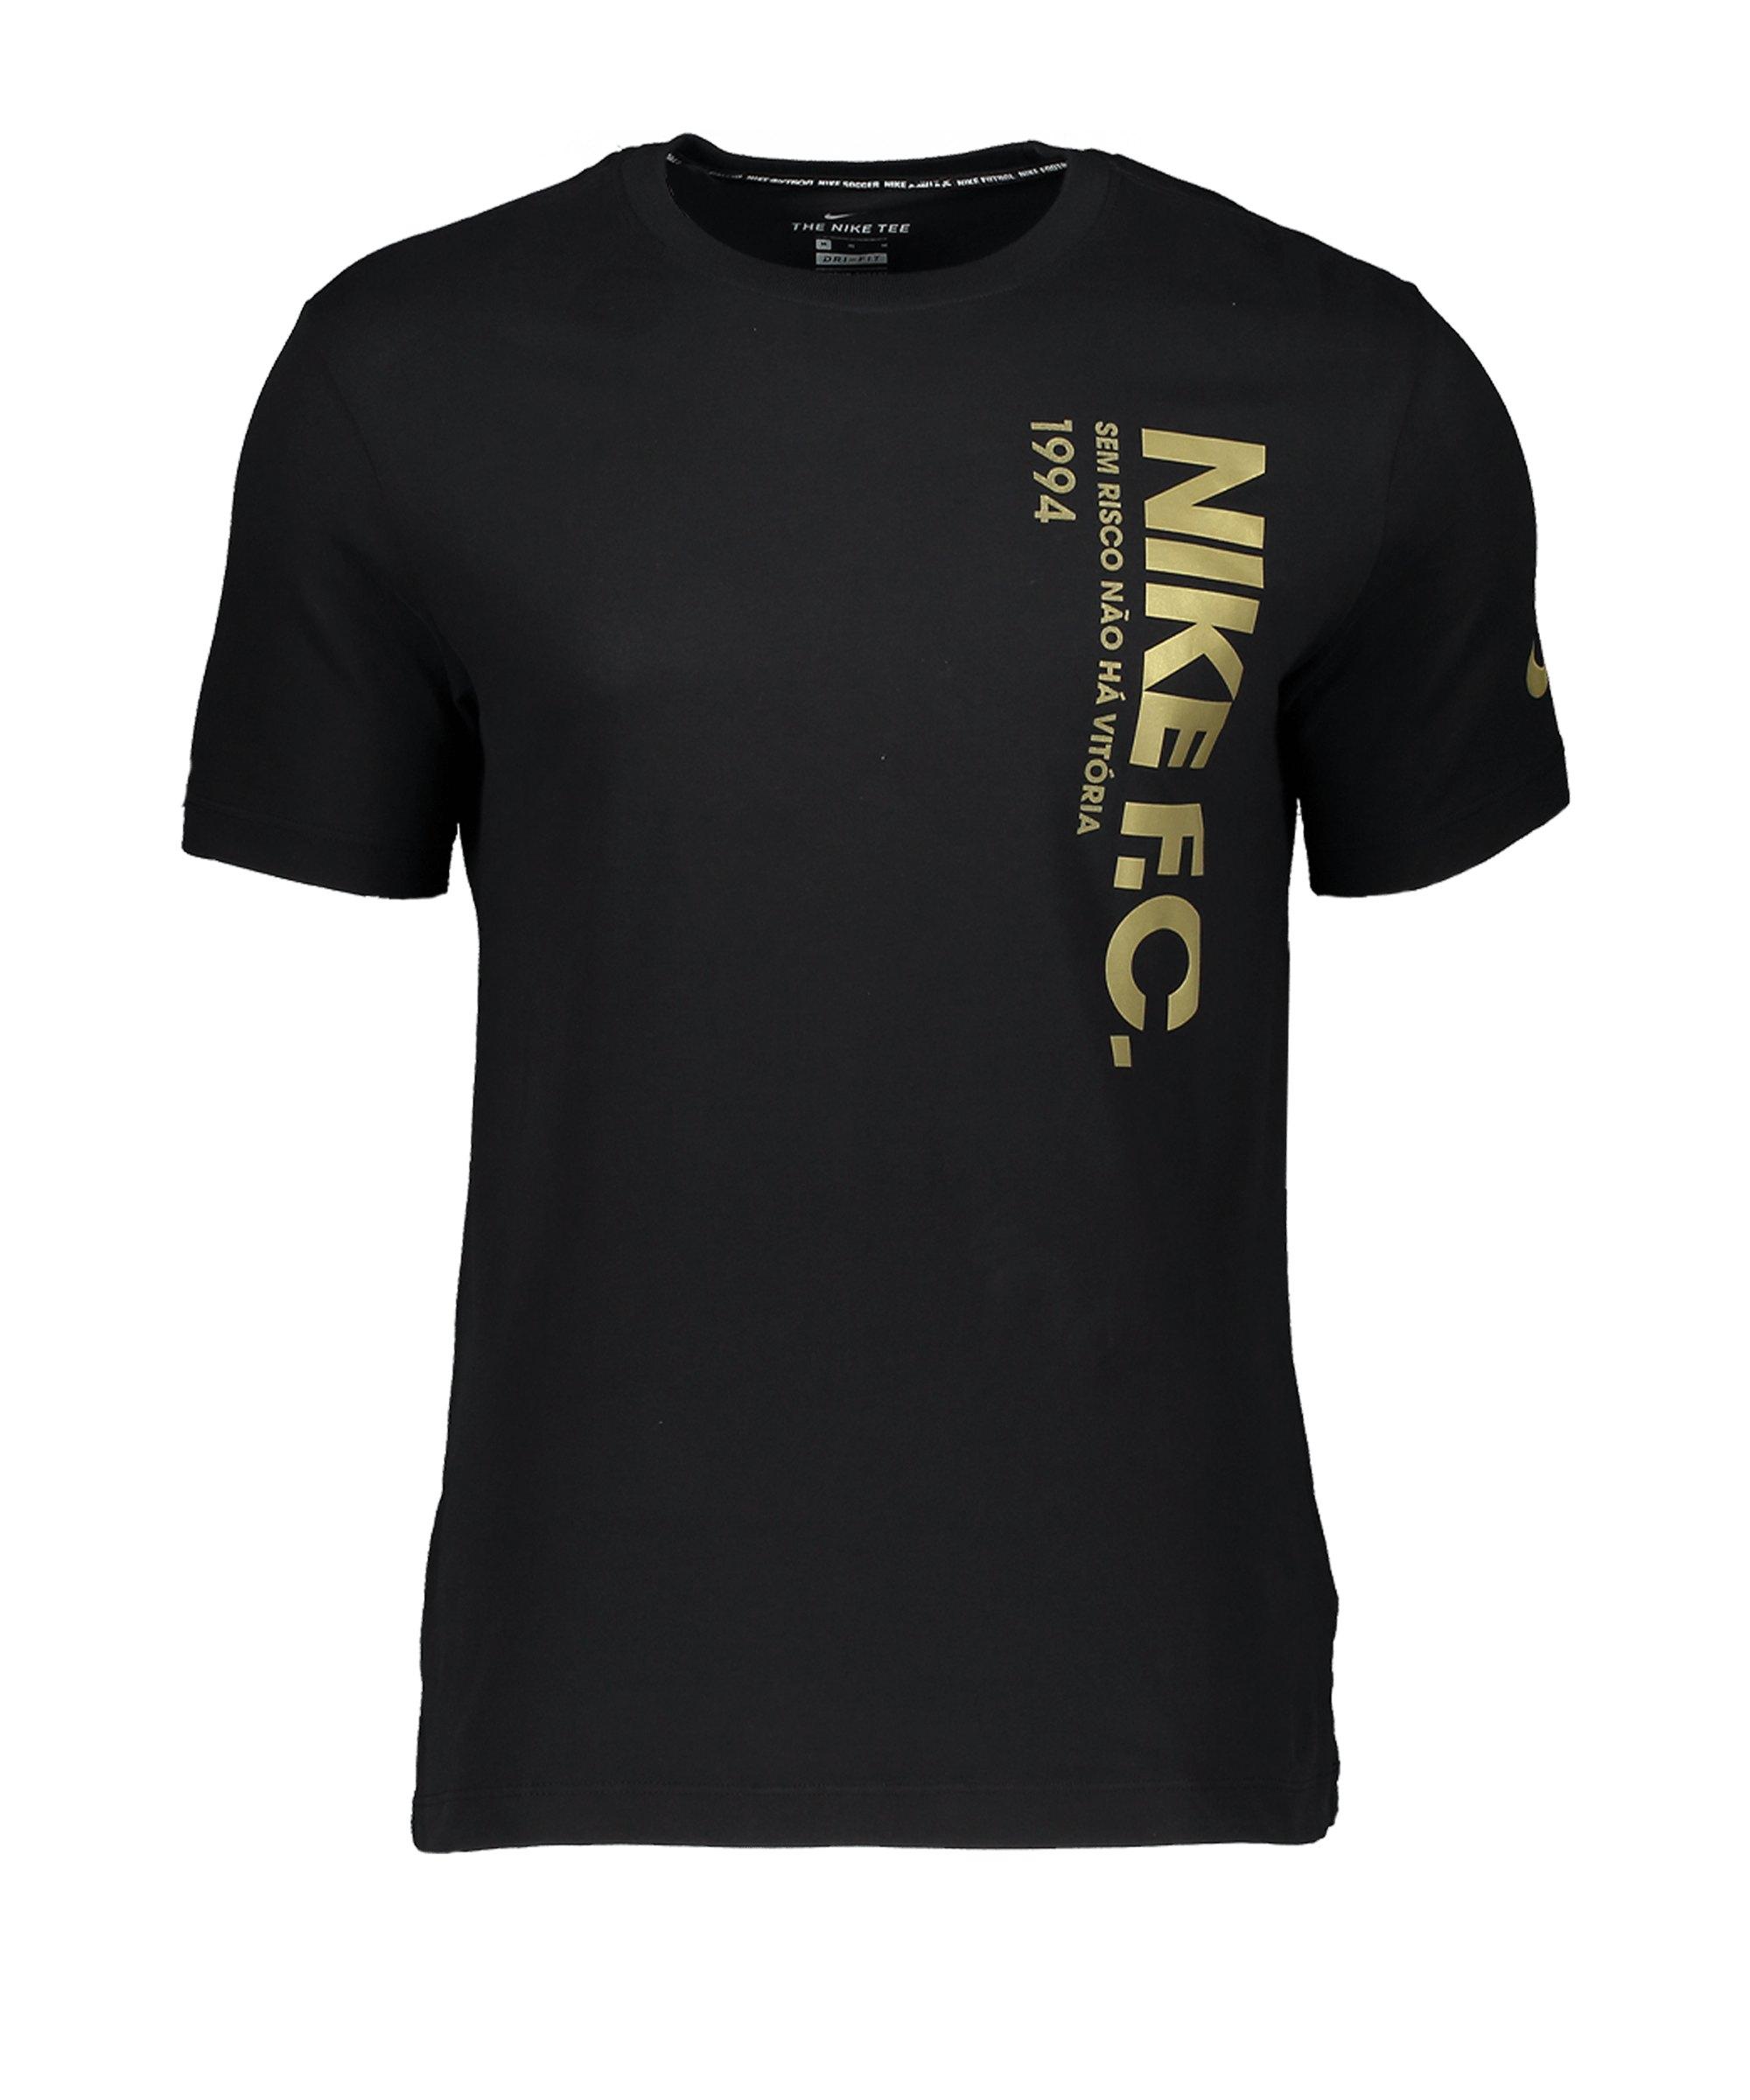 Nike F.C. Tee T-Shirt Schwarz F010 - schwarz